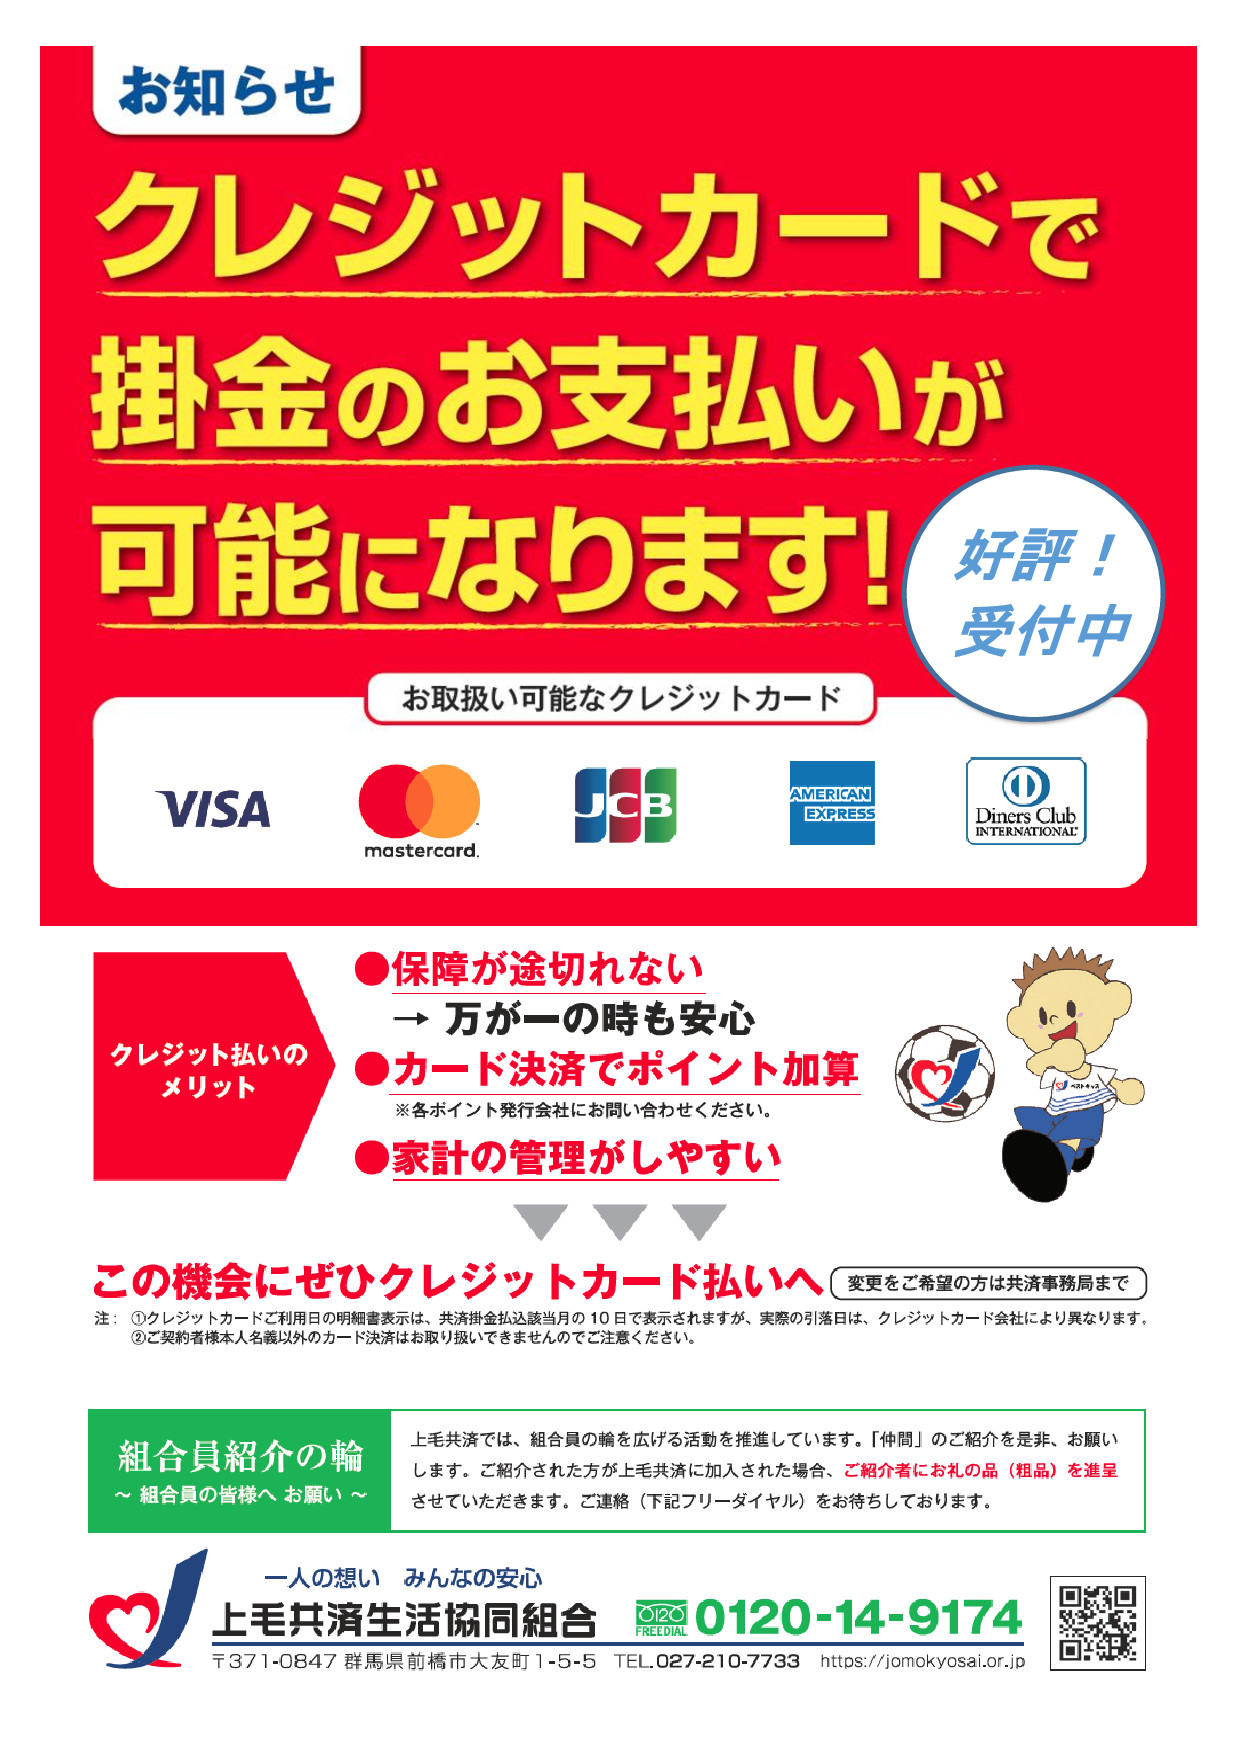 クレジットカードで掛金のお支払いが可能に!